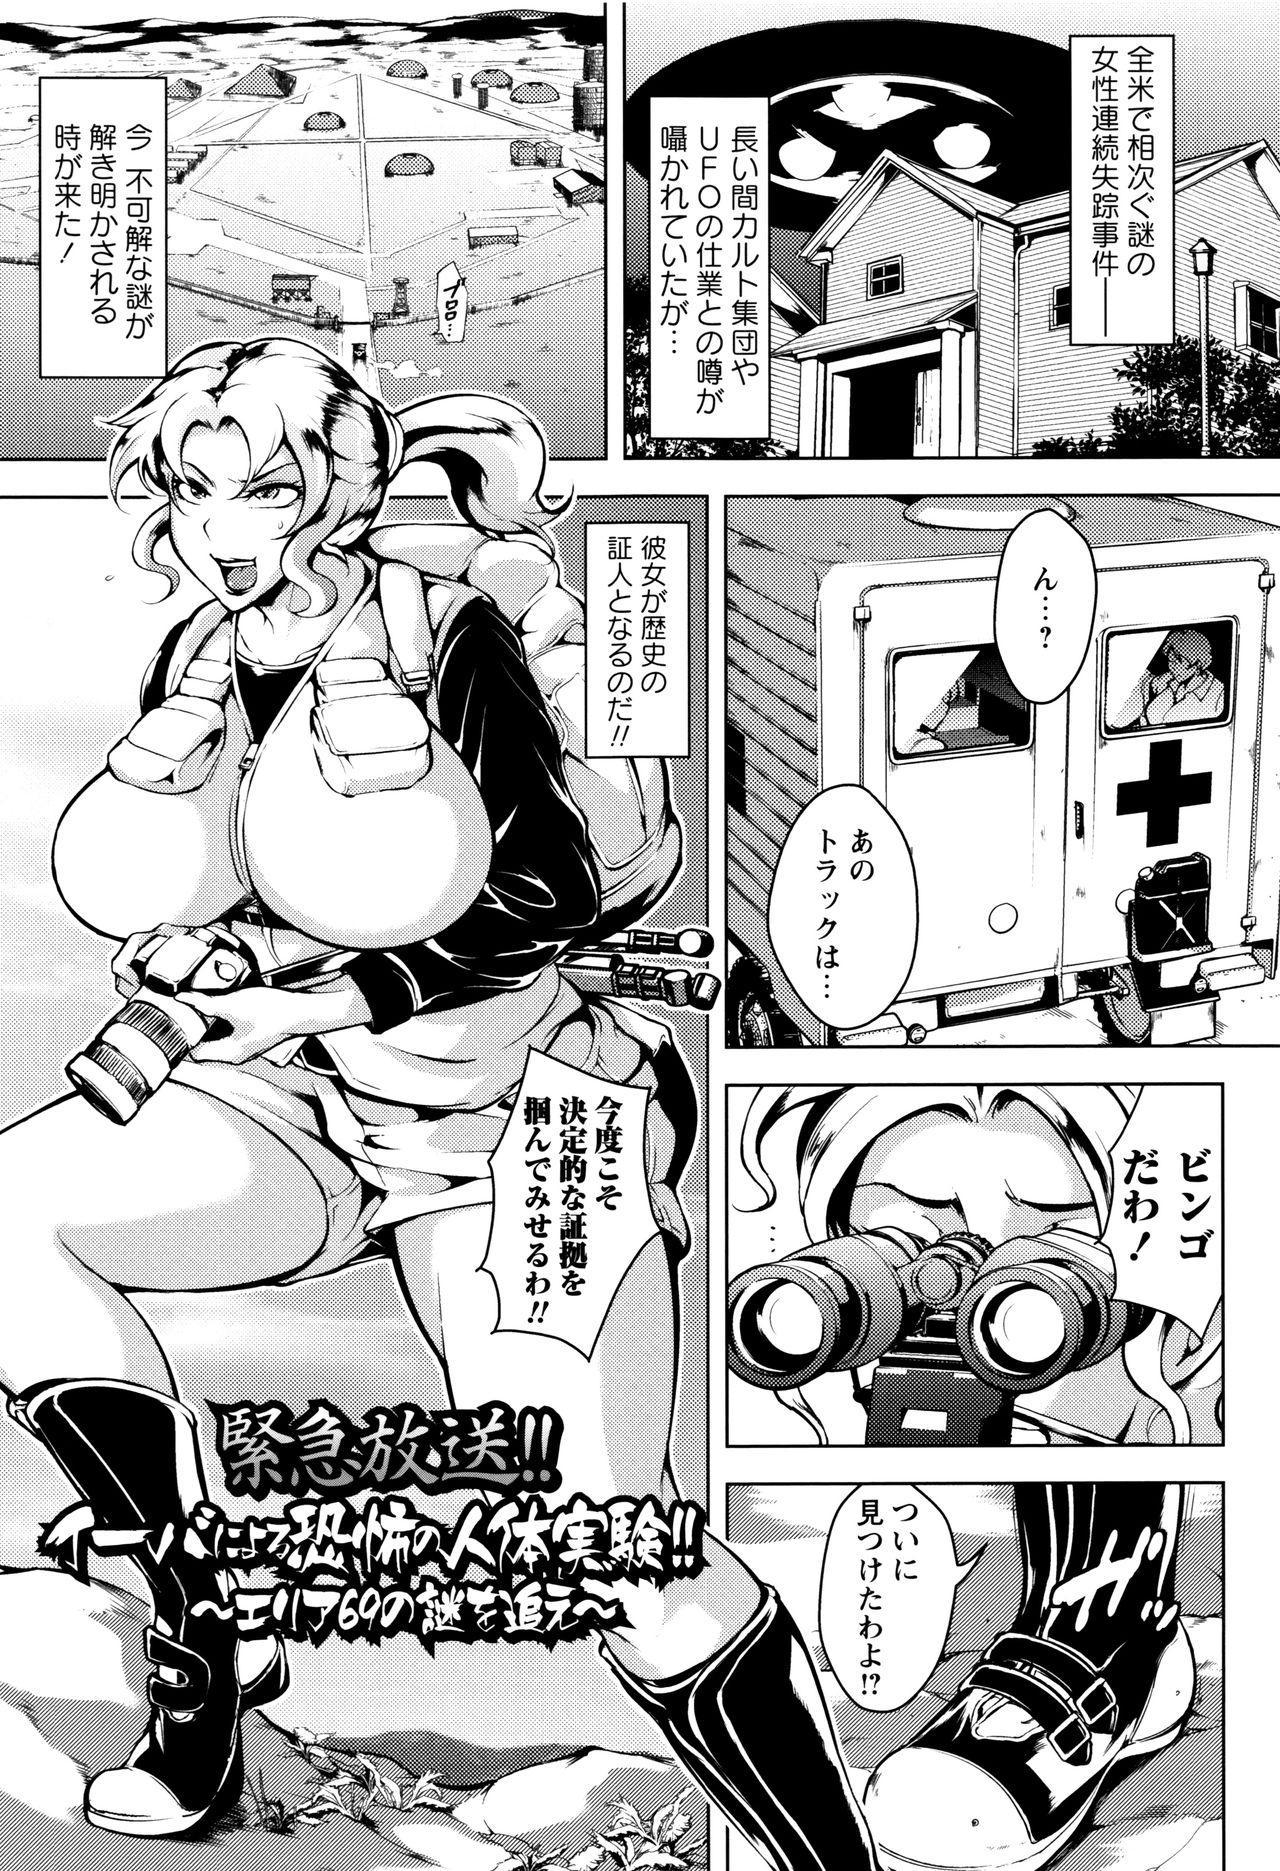 Ero BBA ♥ Dosukebe Ha Sengen 118